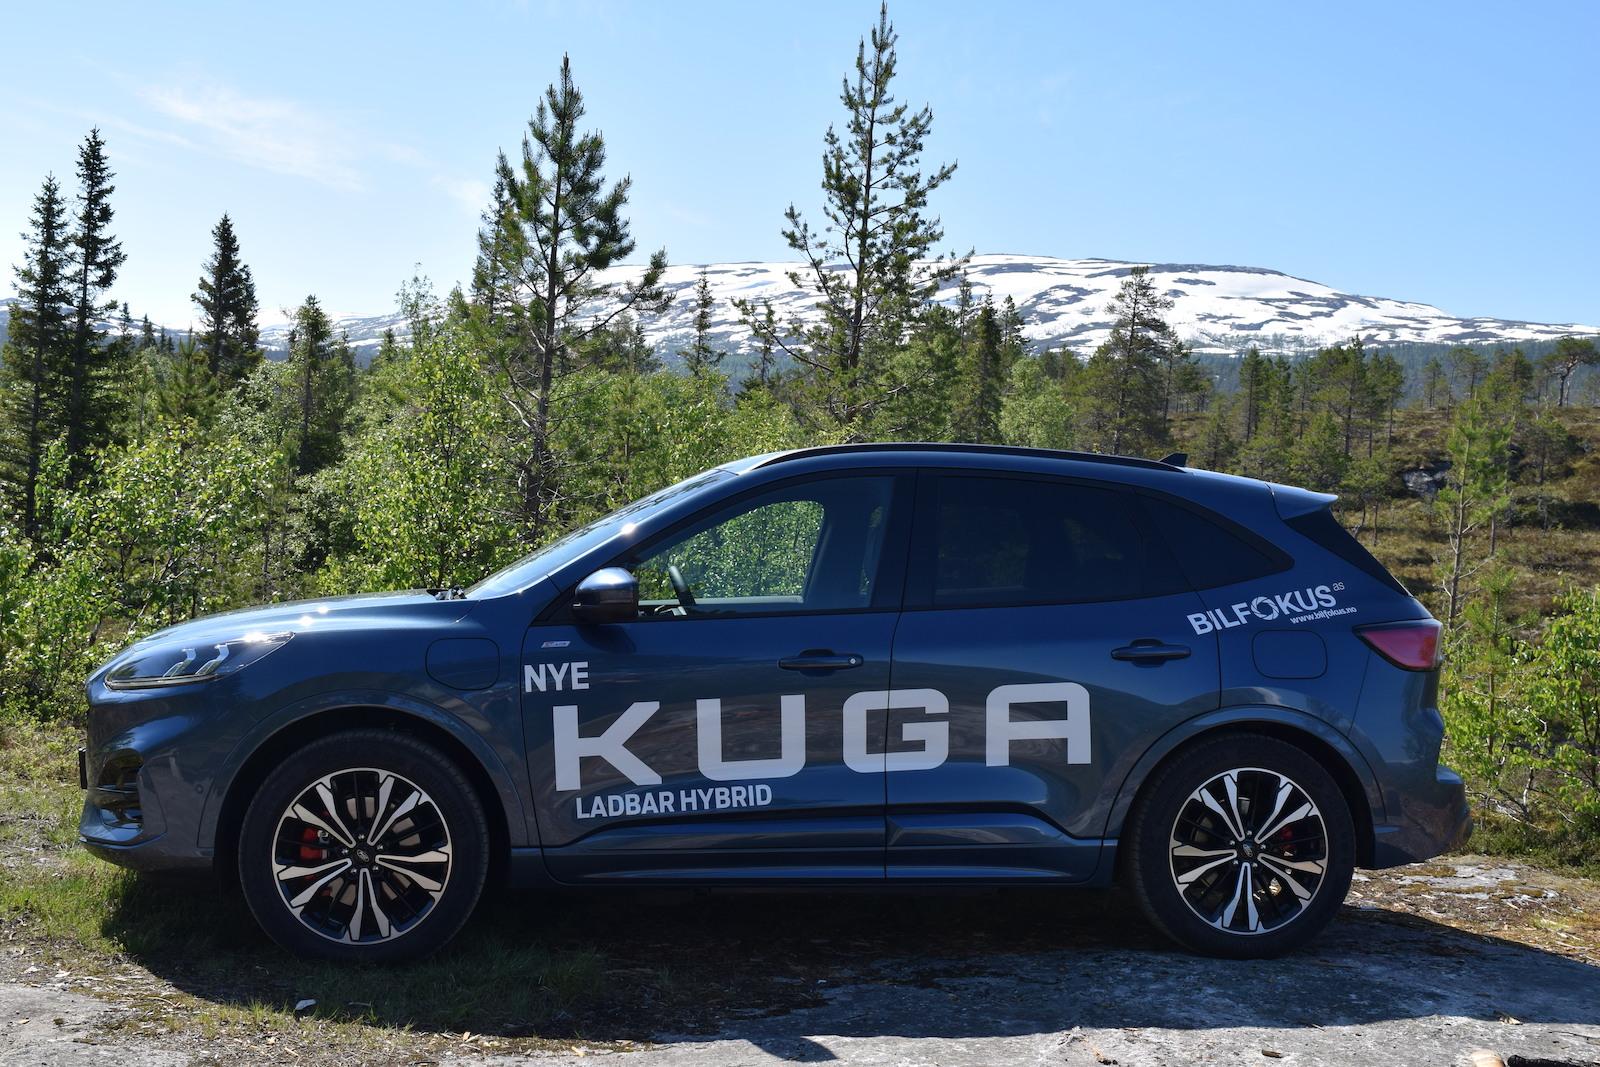 Ford Kuga fra Bilfokus klar til prøvekjøring